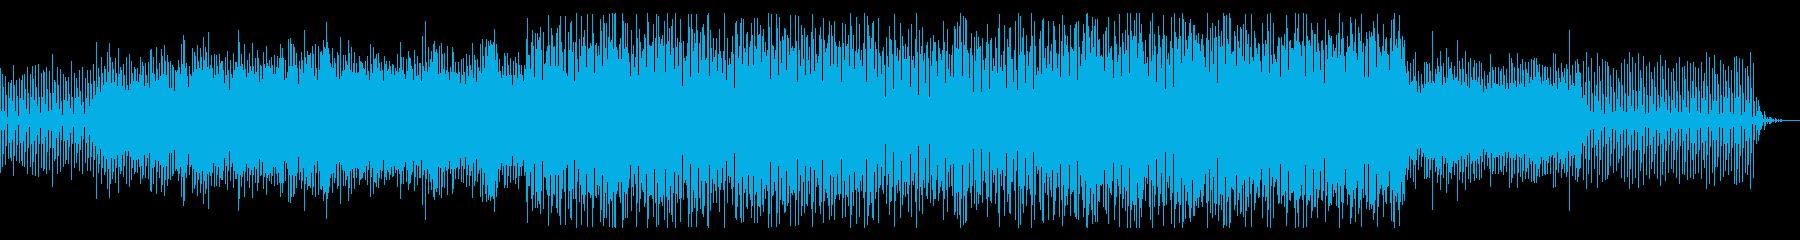 究明の再生済みの波形